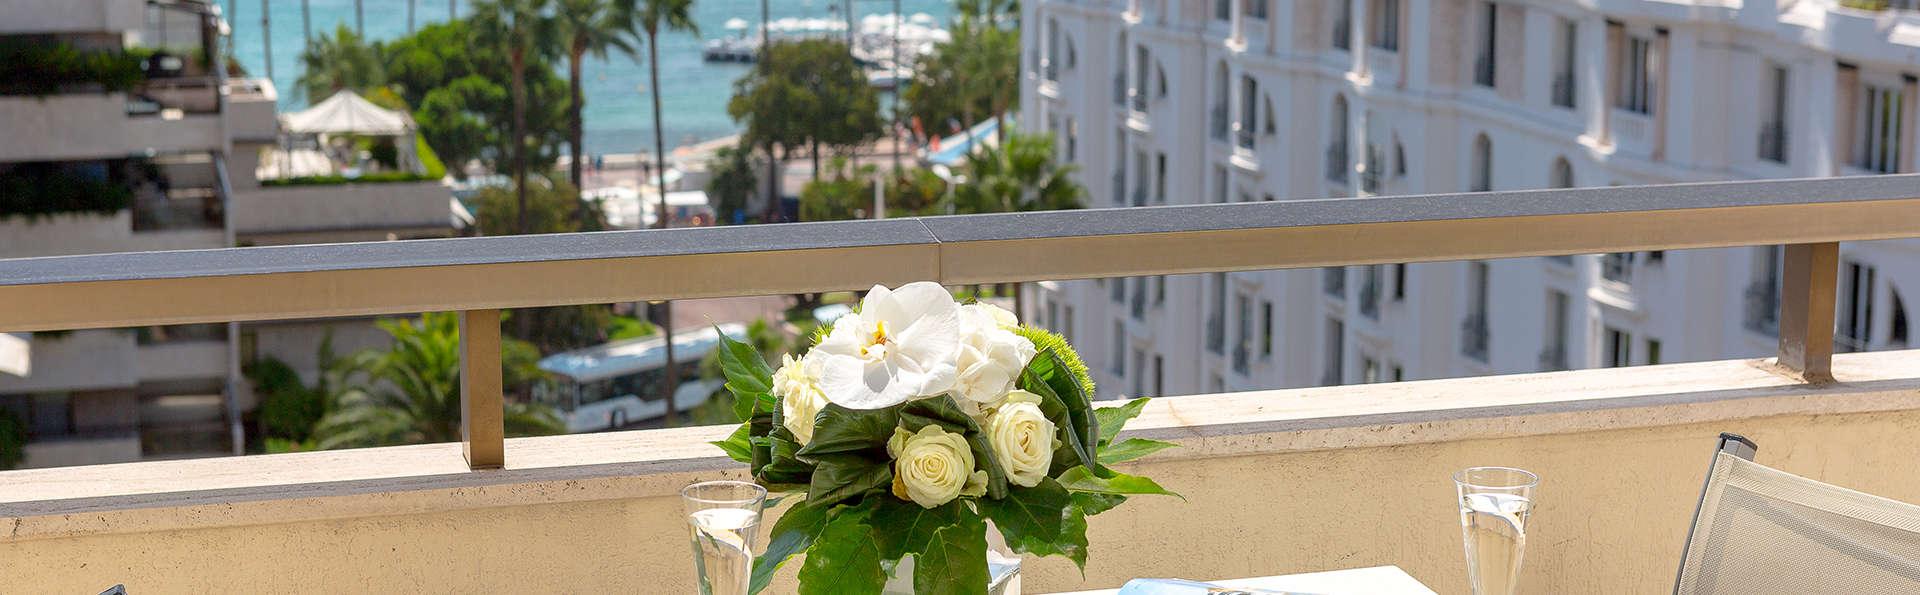 Hôtel Barrière Le Gray d'Albion Cannes - edit_new_balcon.jpg